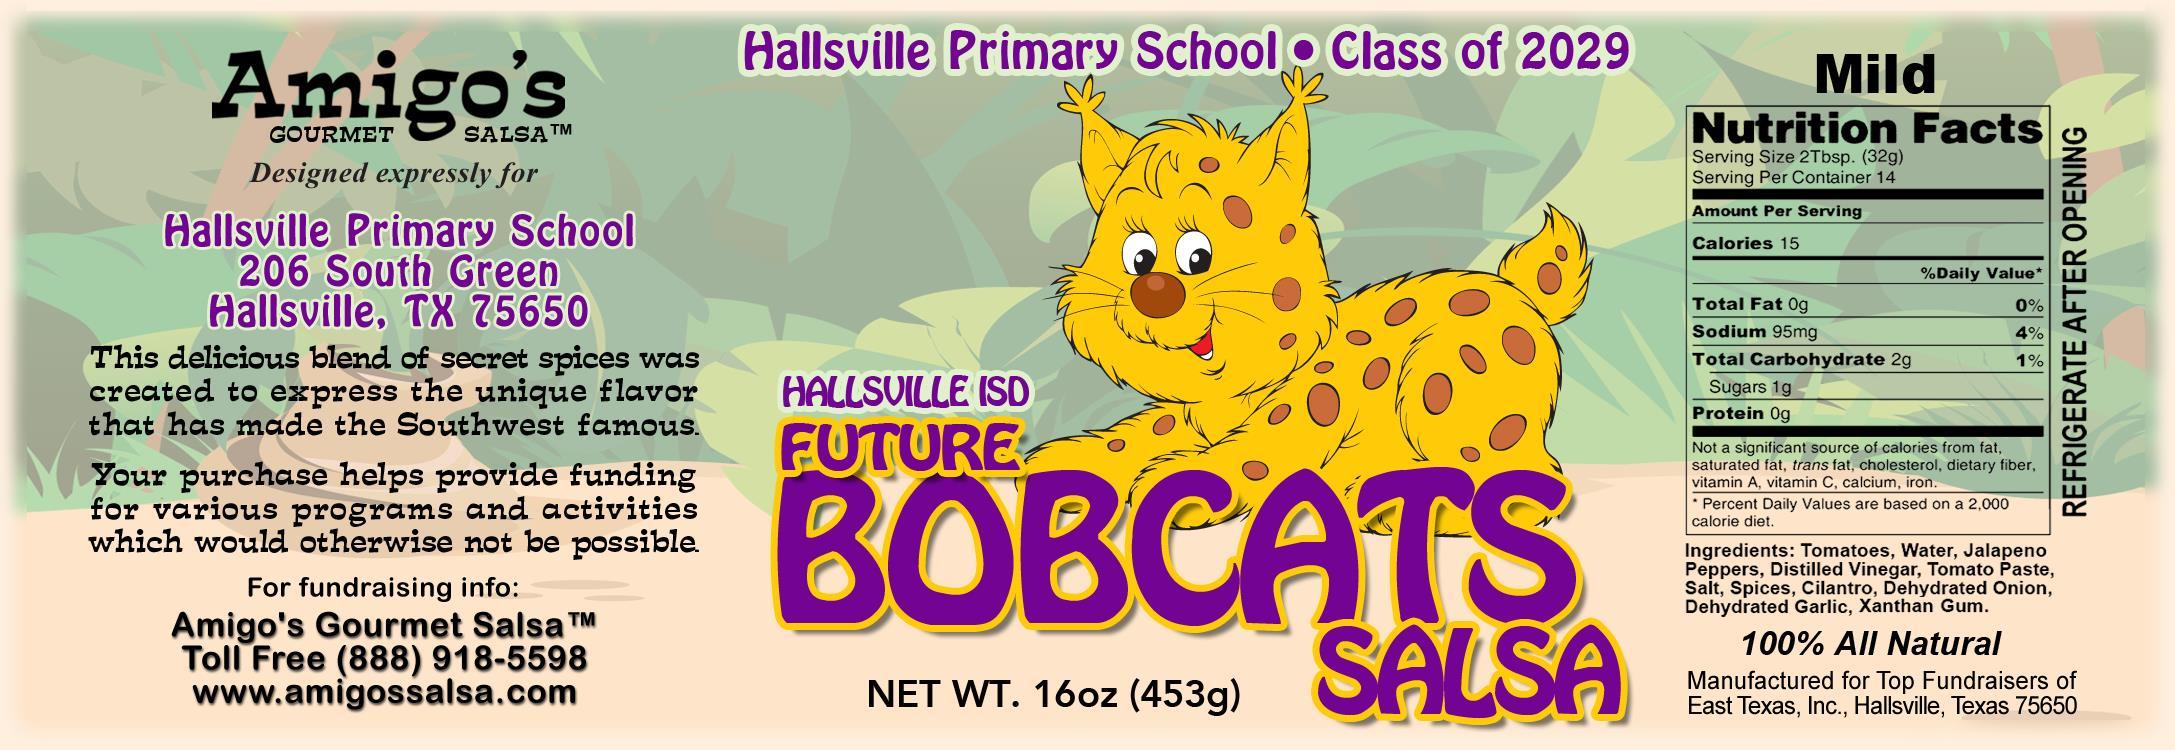 Hallsville MILD.jpg